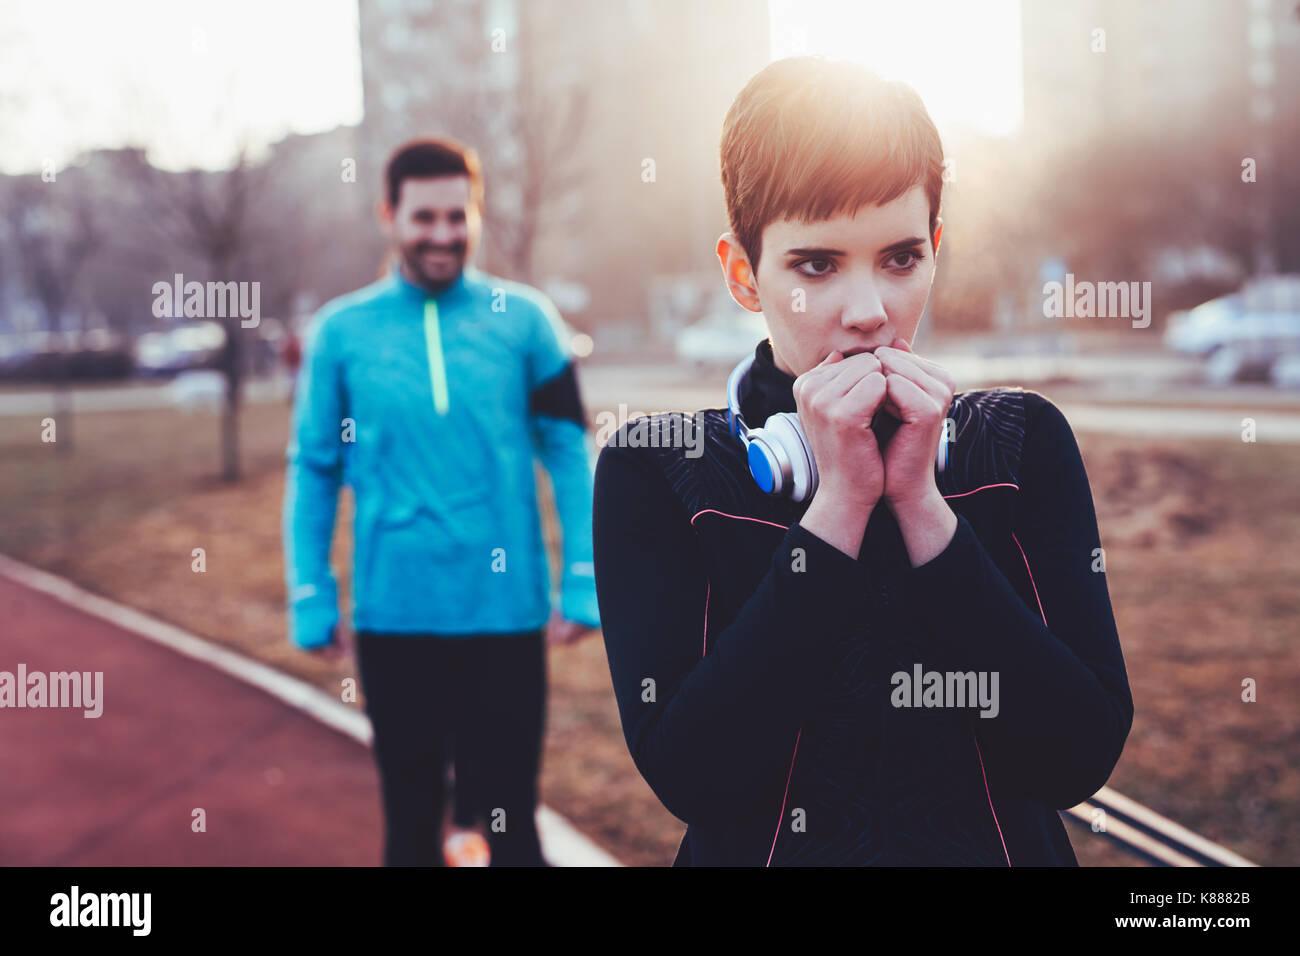 Mujer fitness el ejercicio al aire libre en clima frío Imagen De Stock